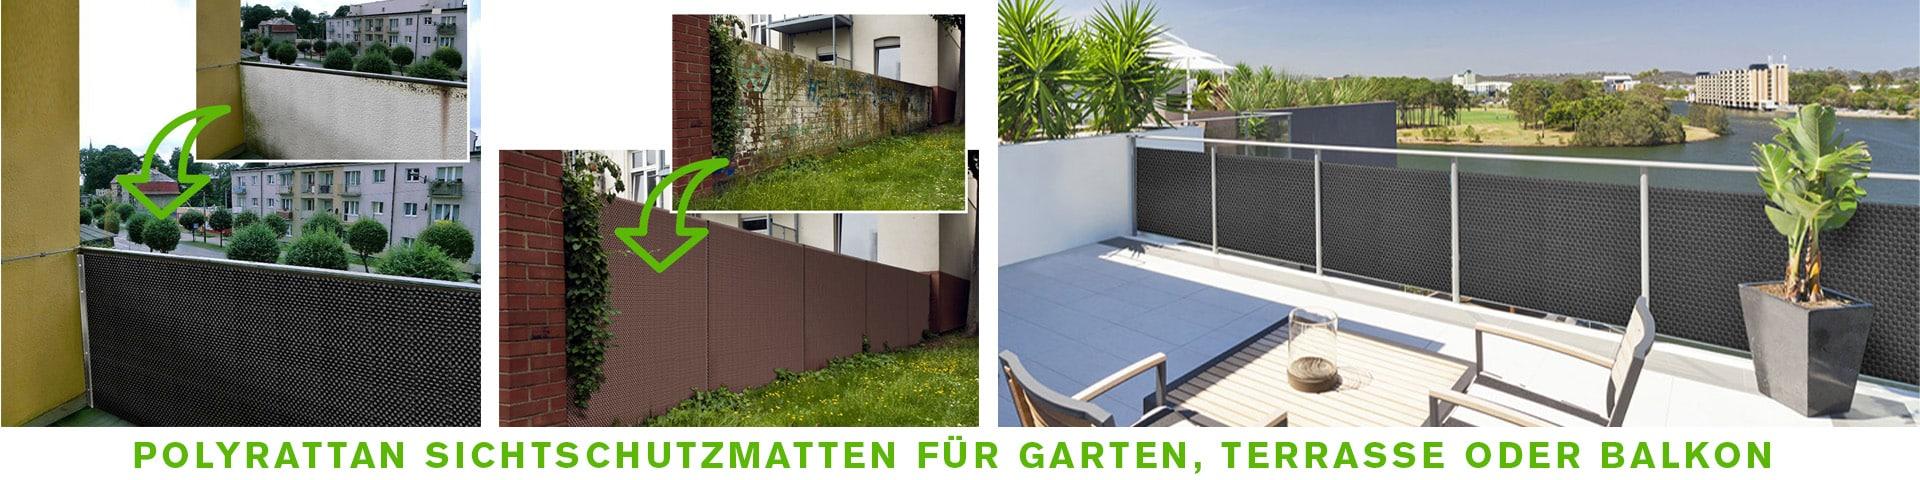 Polyrattan Sichtschutzmatten für Garten, Terrasse oder Balkon